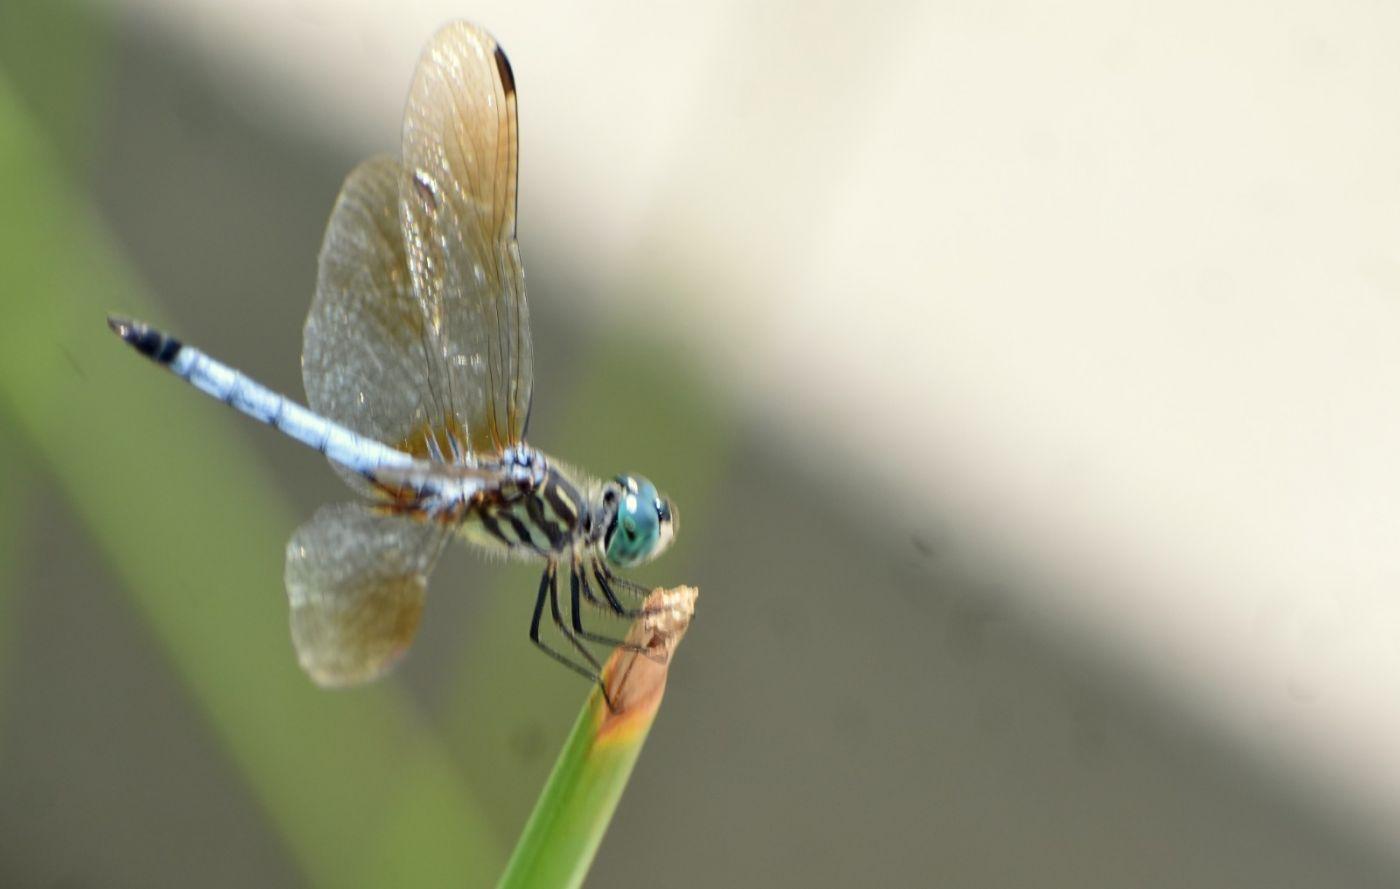 轻盈秀丽的蜻蜓_图1-7